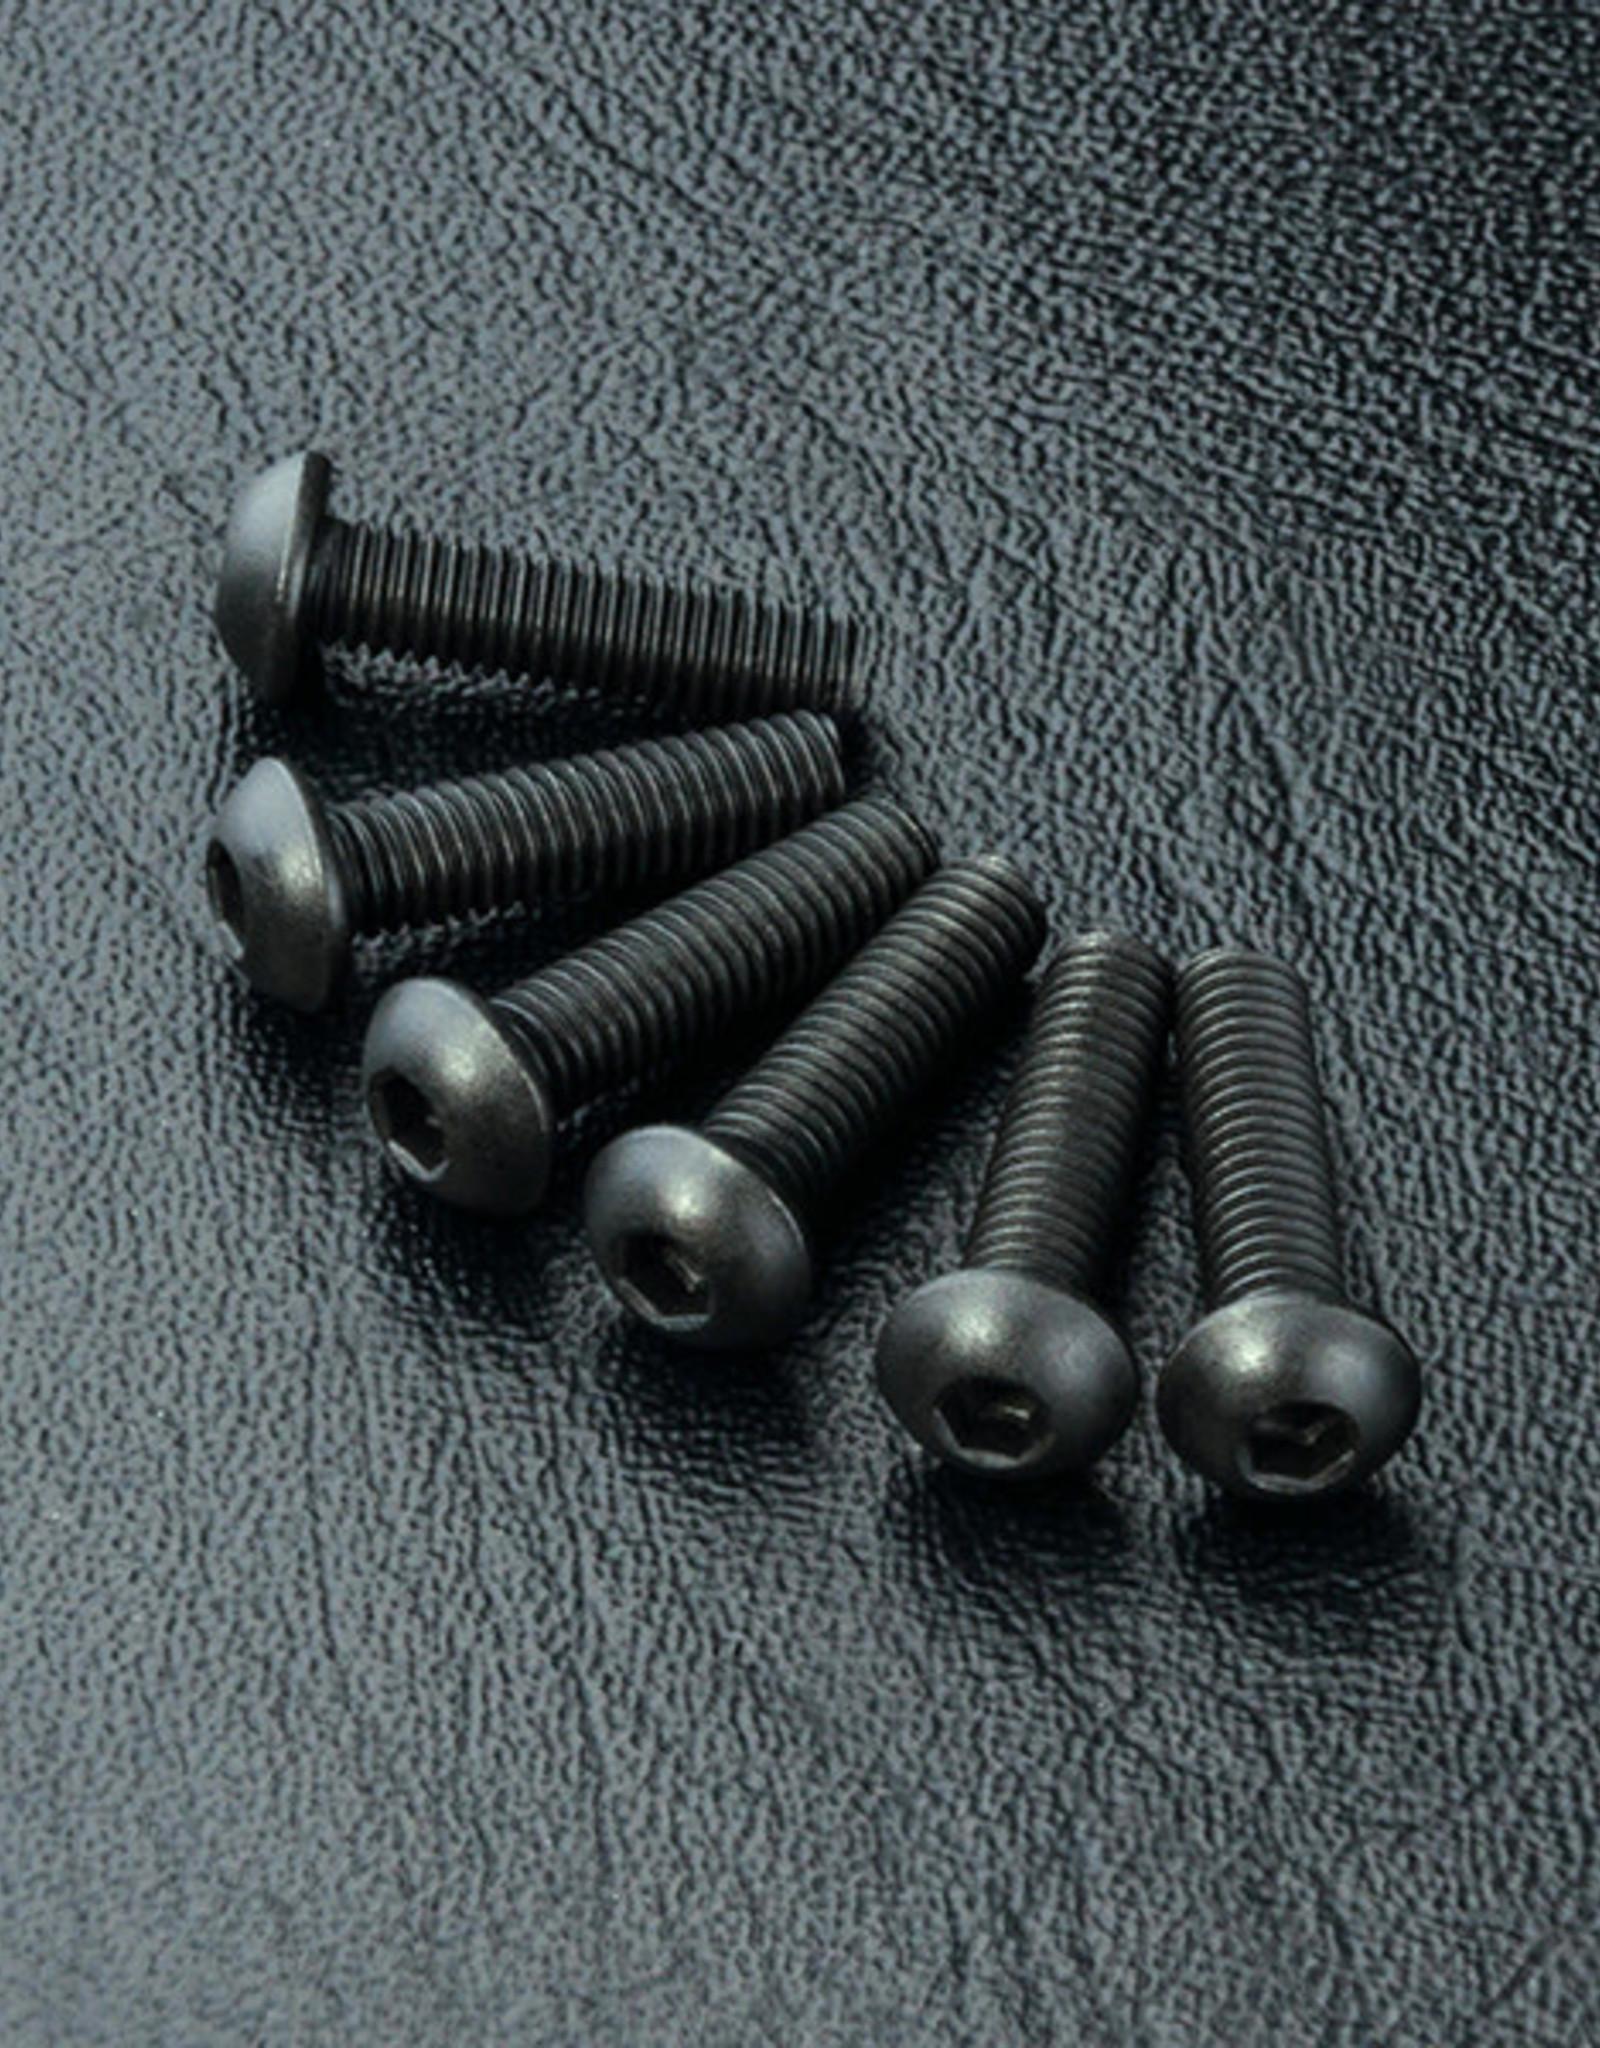 MST MXSPD110029 Round head screw M3X12 (6) 110029 by MST